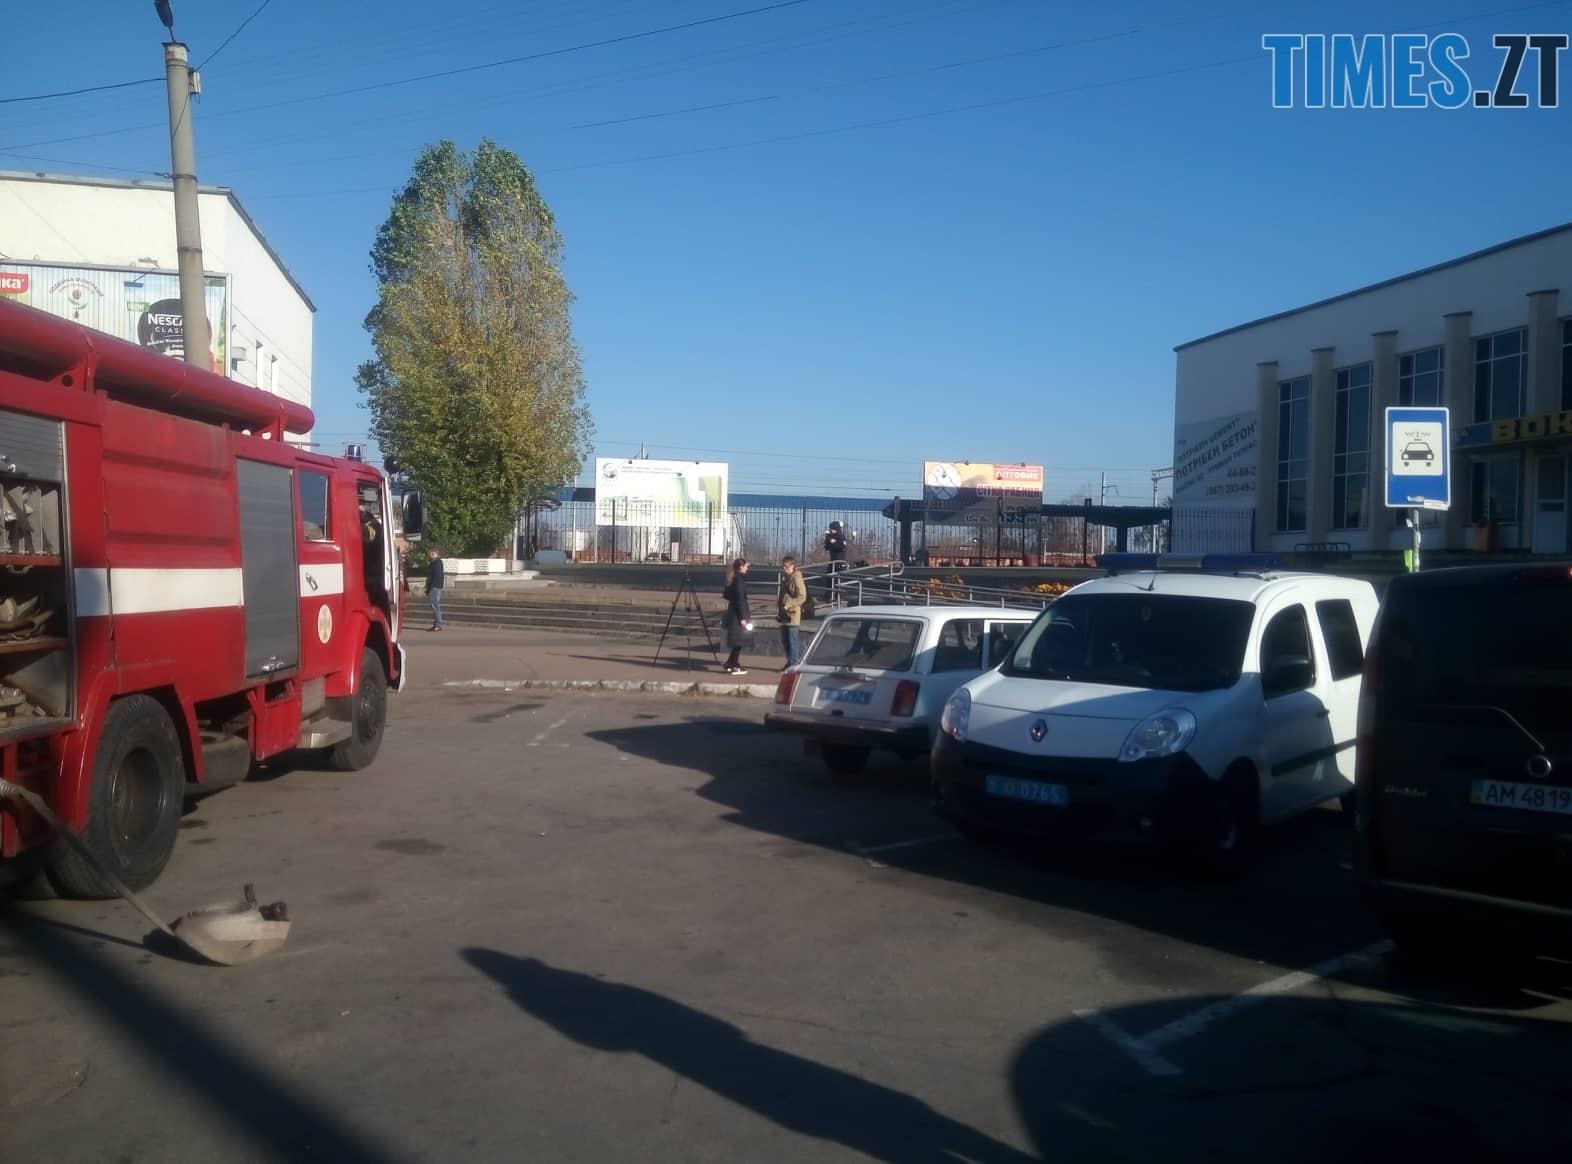 45730403 1984696618493316 6826747141424152576 n - З центрального автовокзалу евакуювали людей та шукають вибухівку (ОНОВЛЕНО)